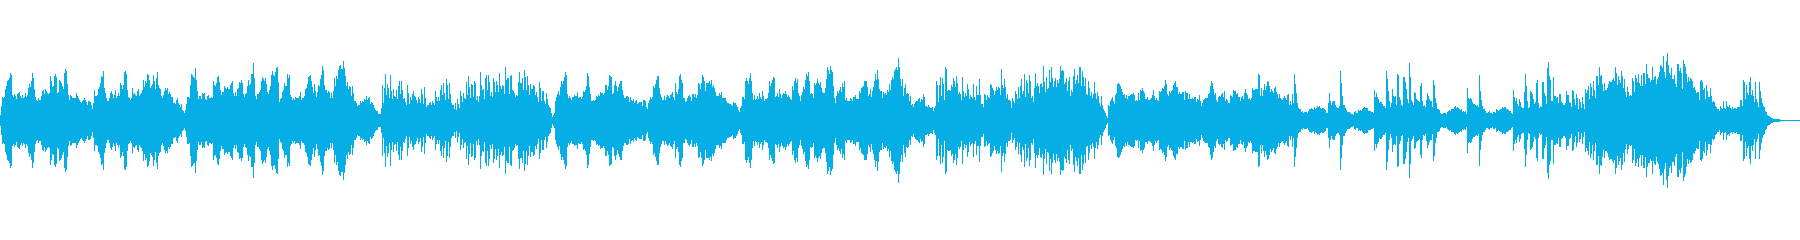 ホラーテイストのオーケストラ の再生済みの波形